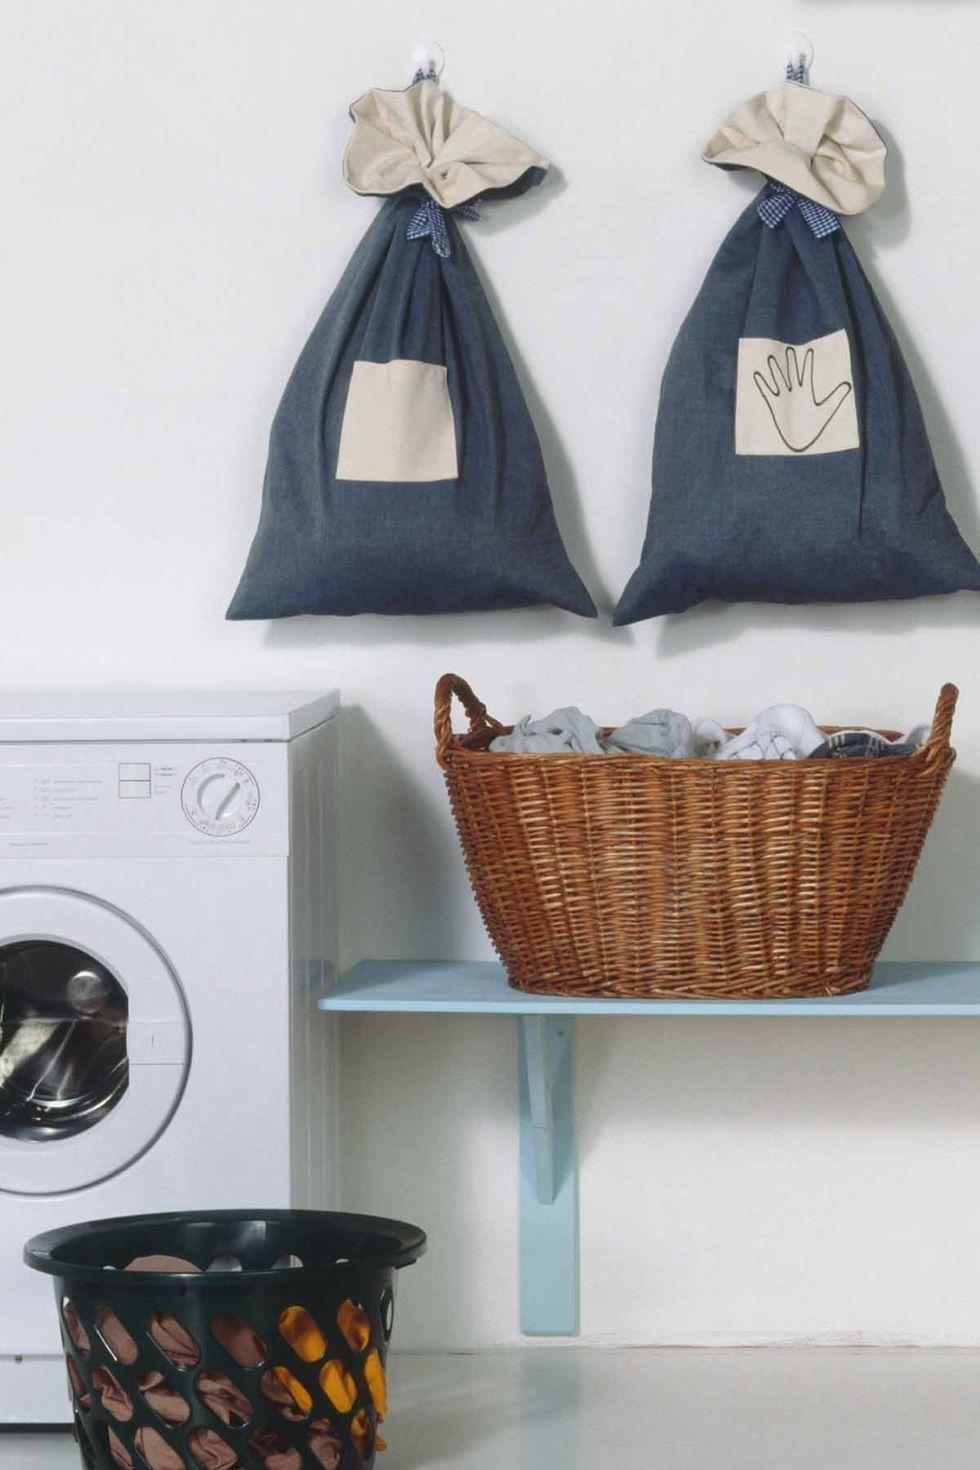 تنظيم غرفة الغسيل - تعليق الغسيل على الحائط